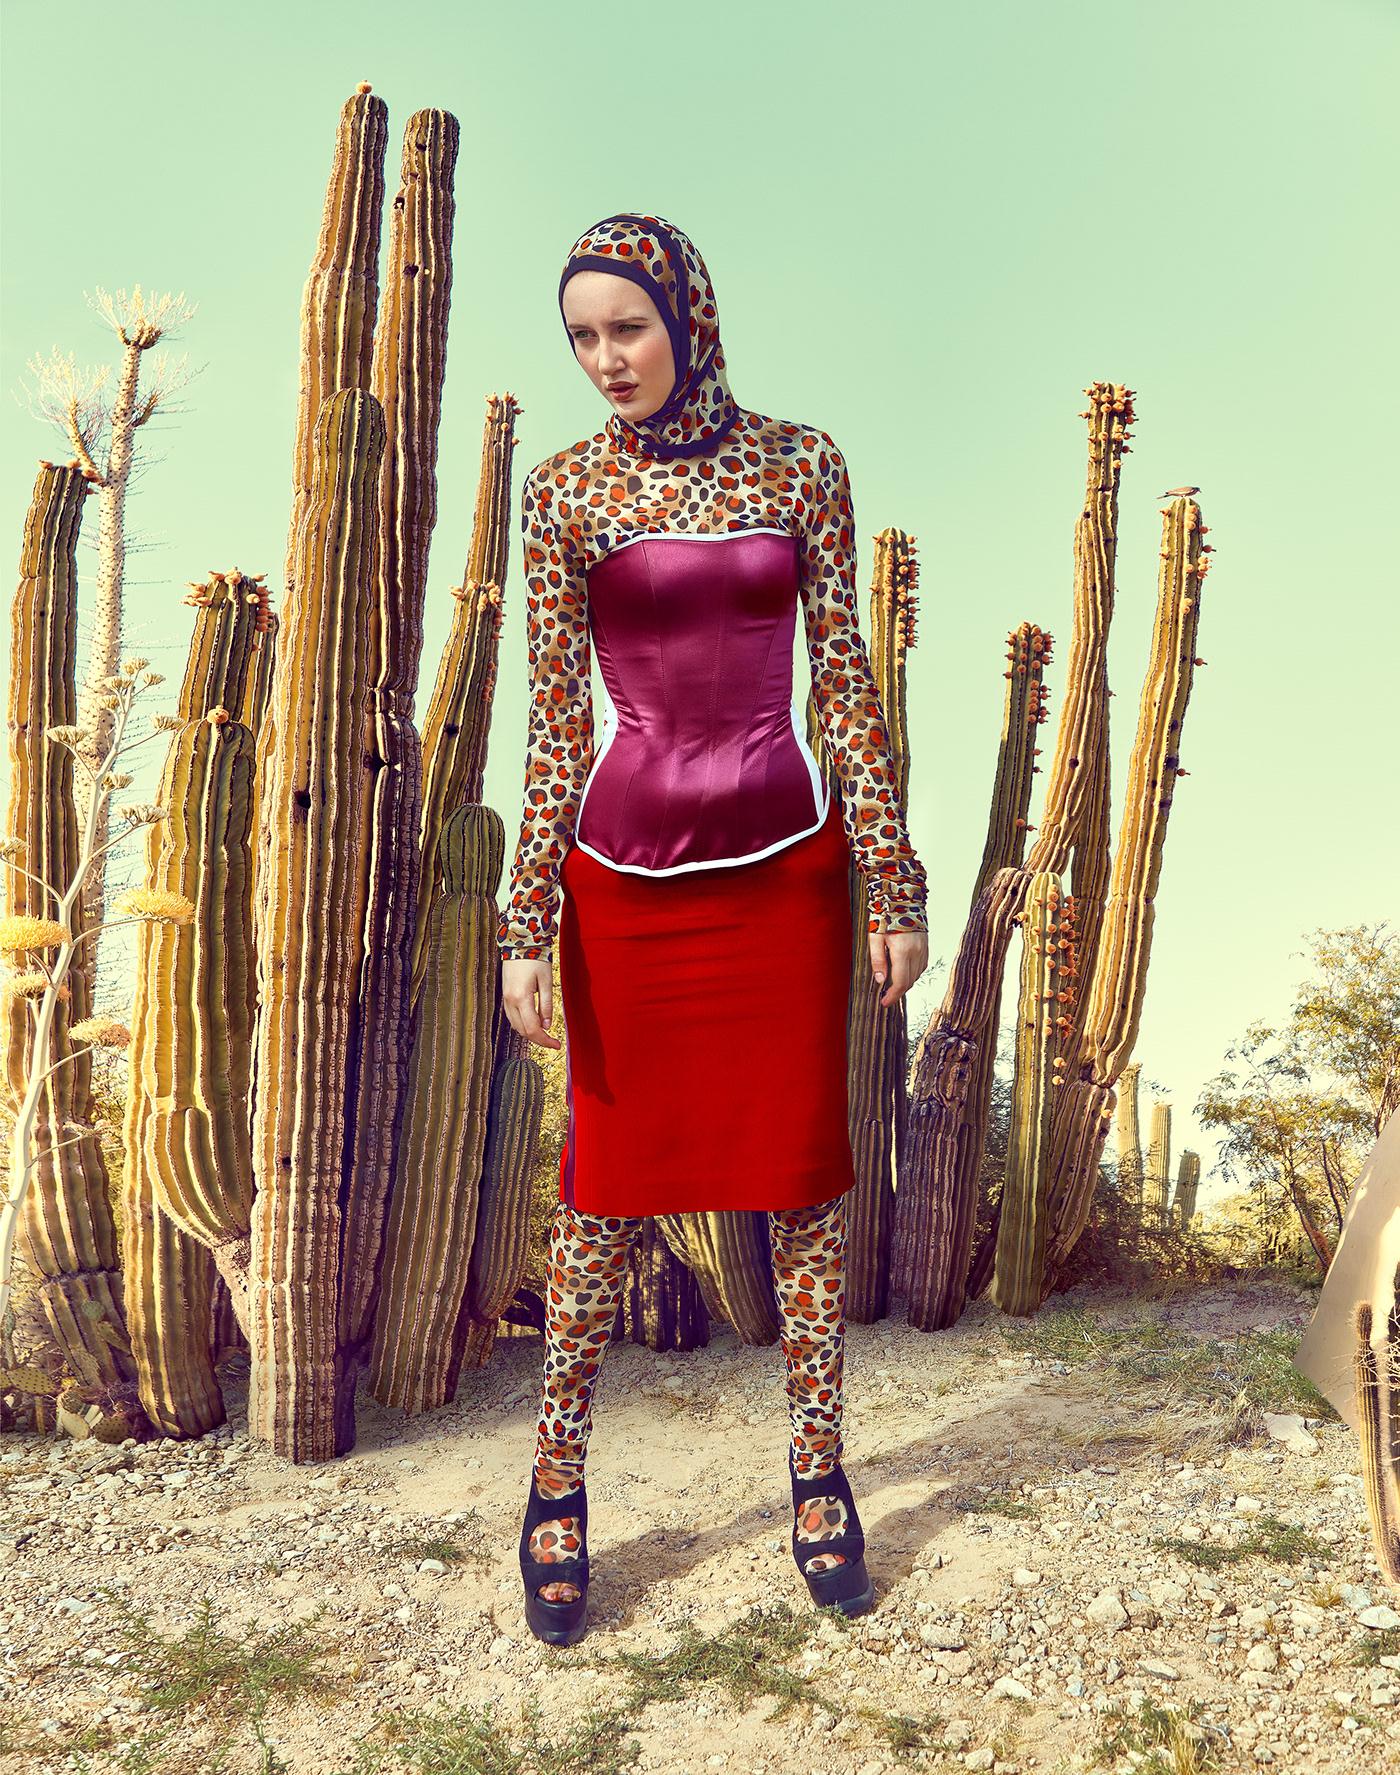 band cactus chapeau colorful desert hat musician portrait Portraiture sand